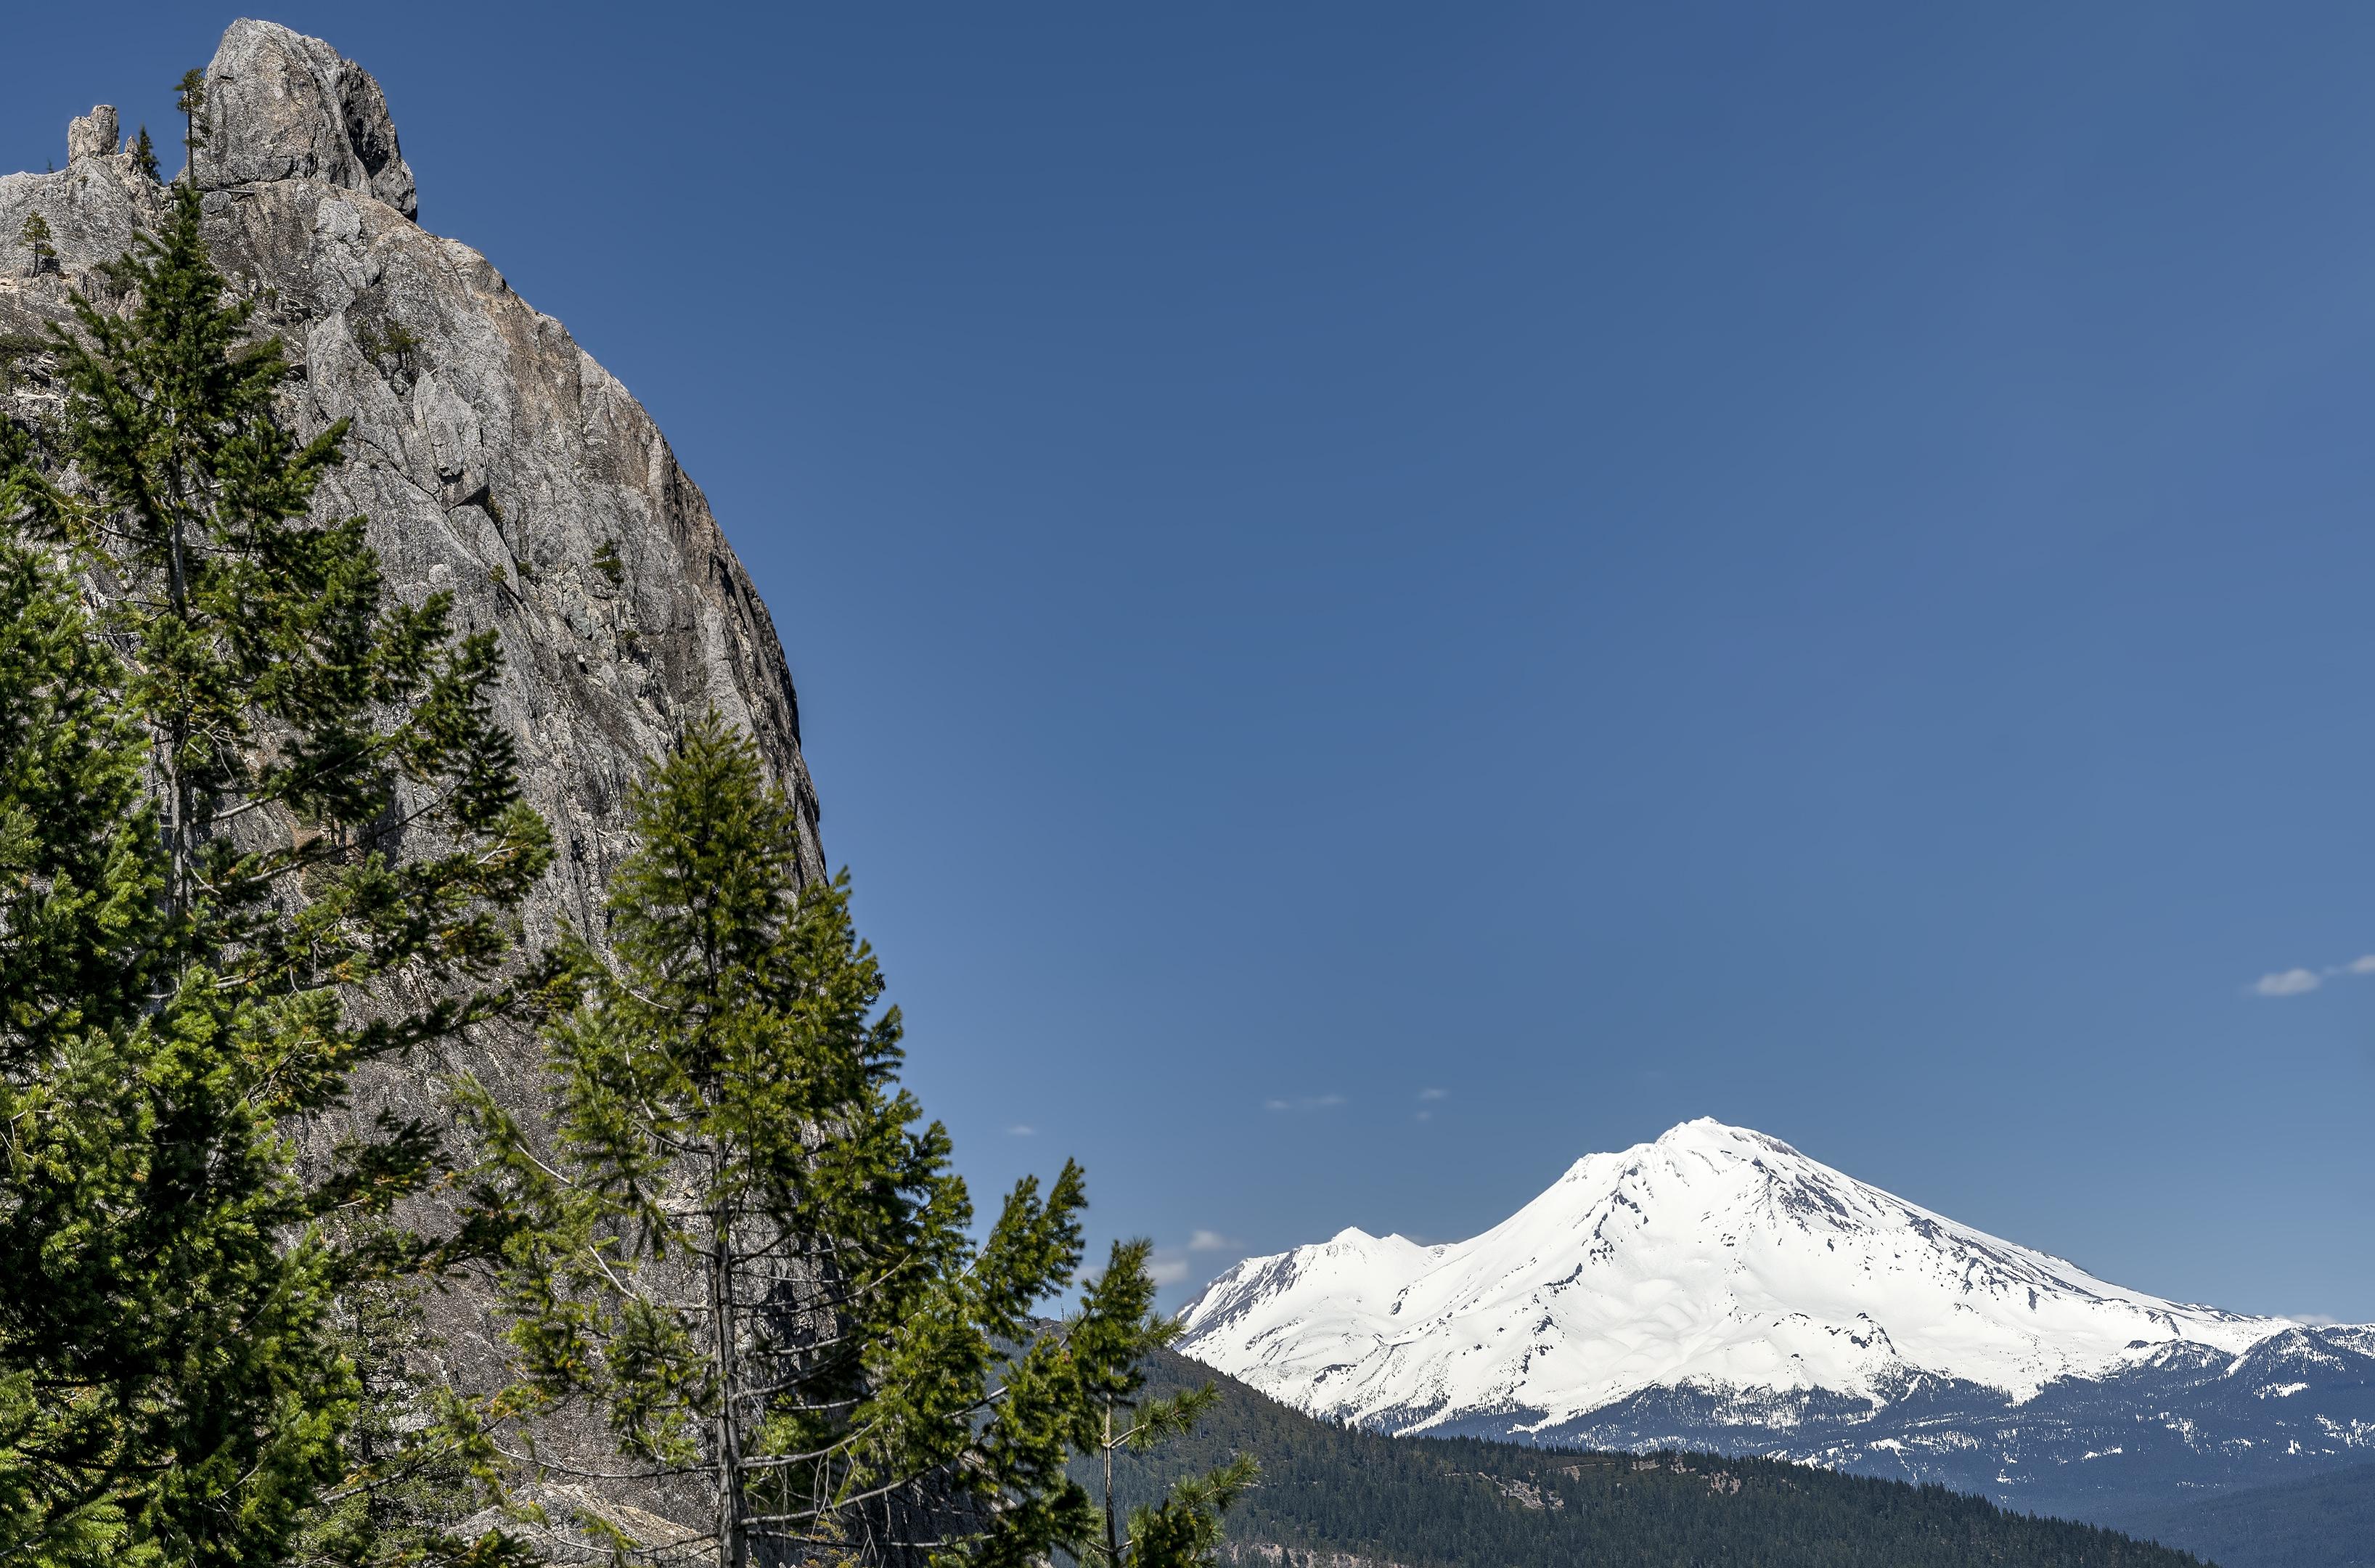 castle crags california mt shasta